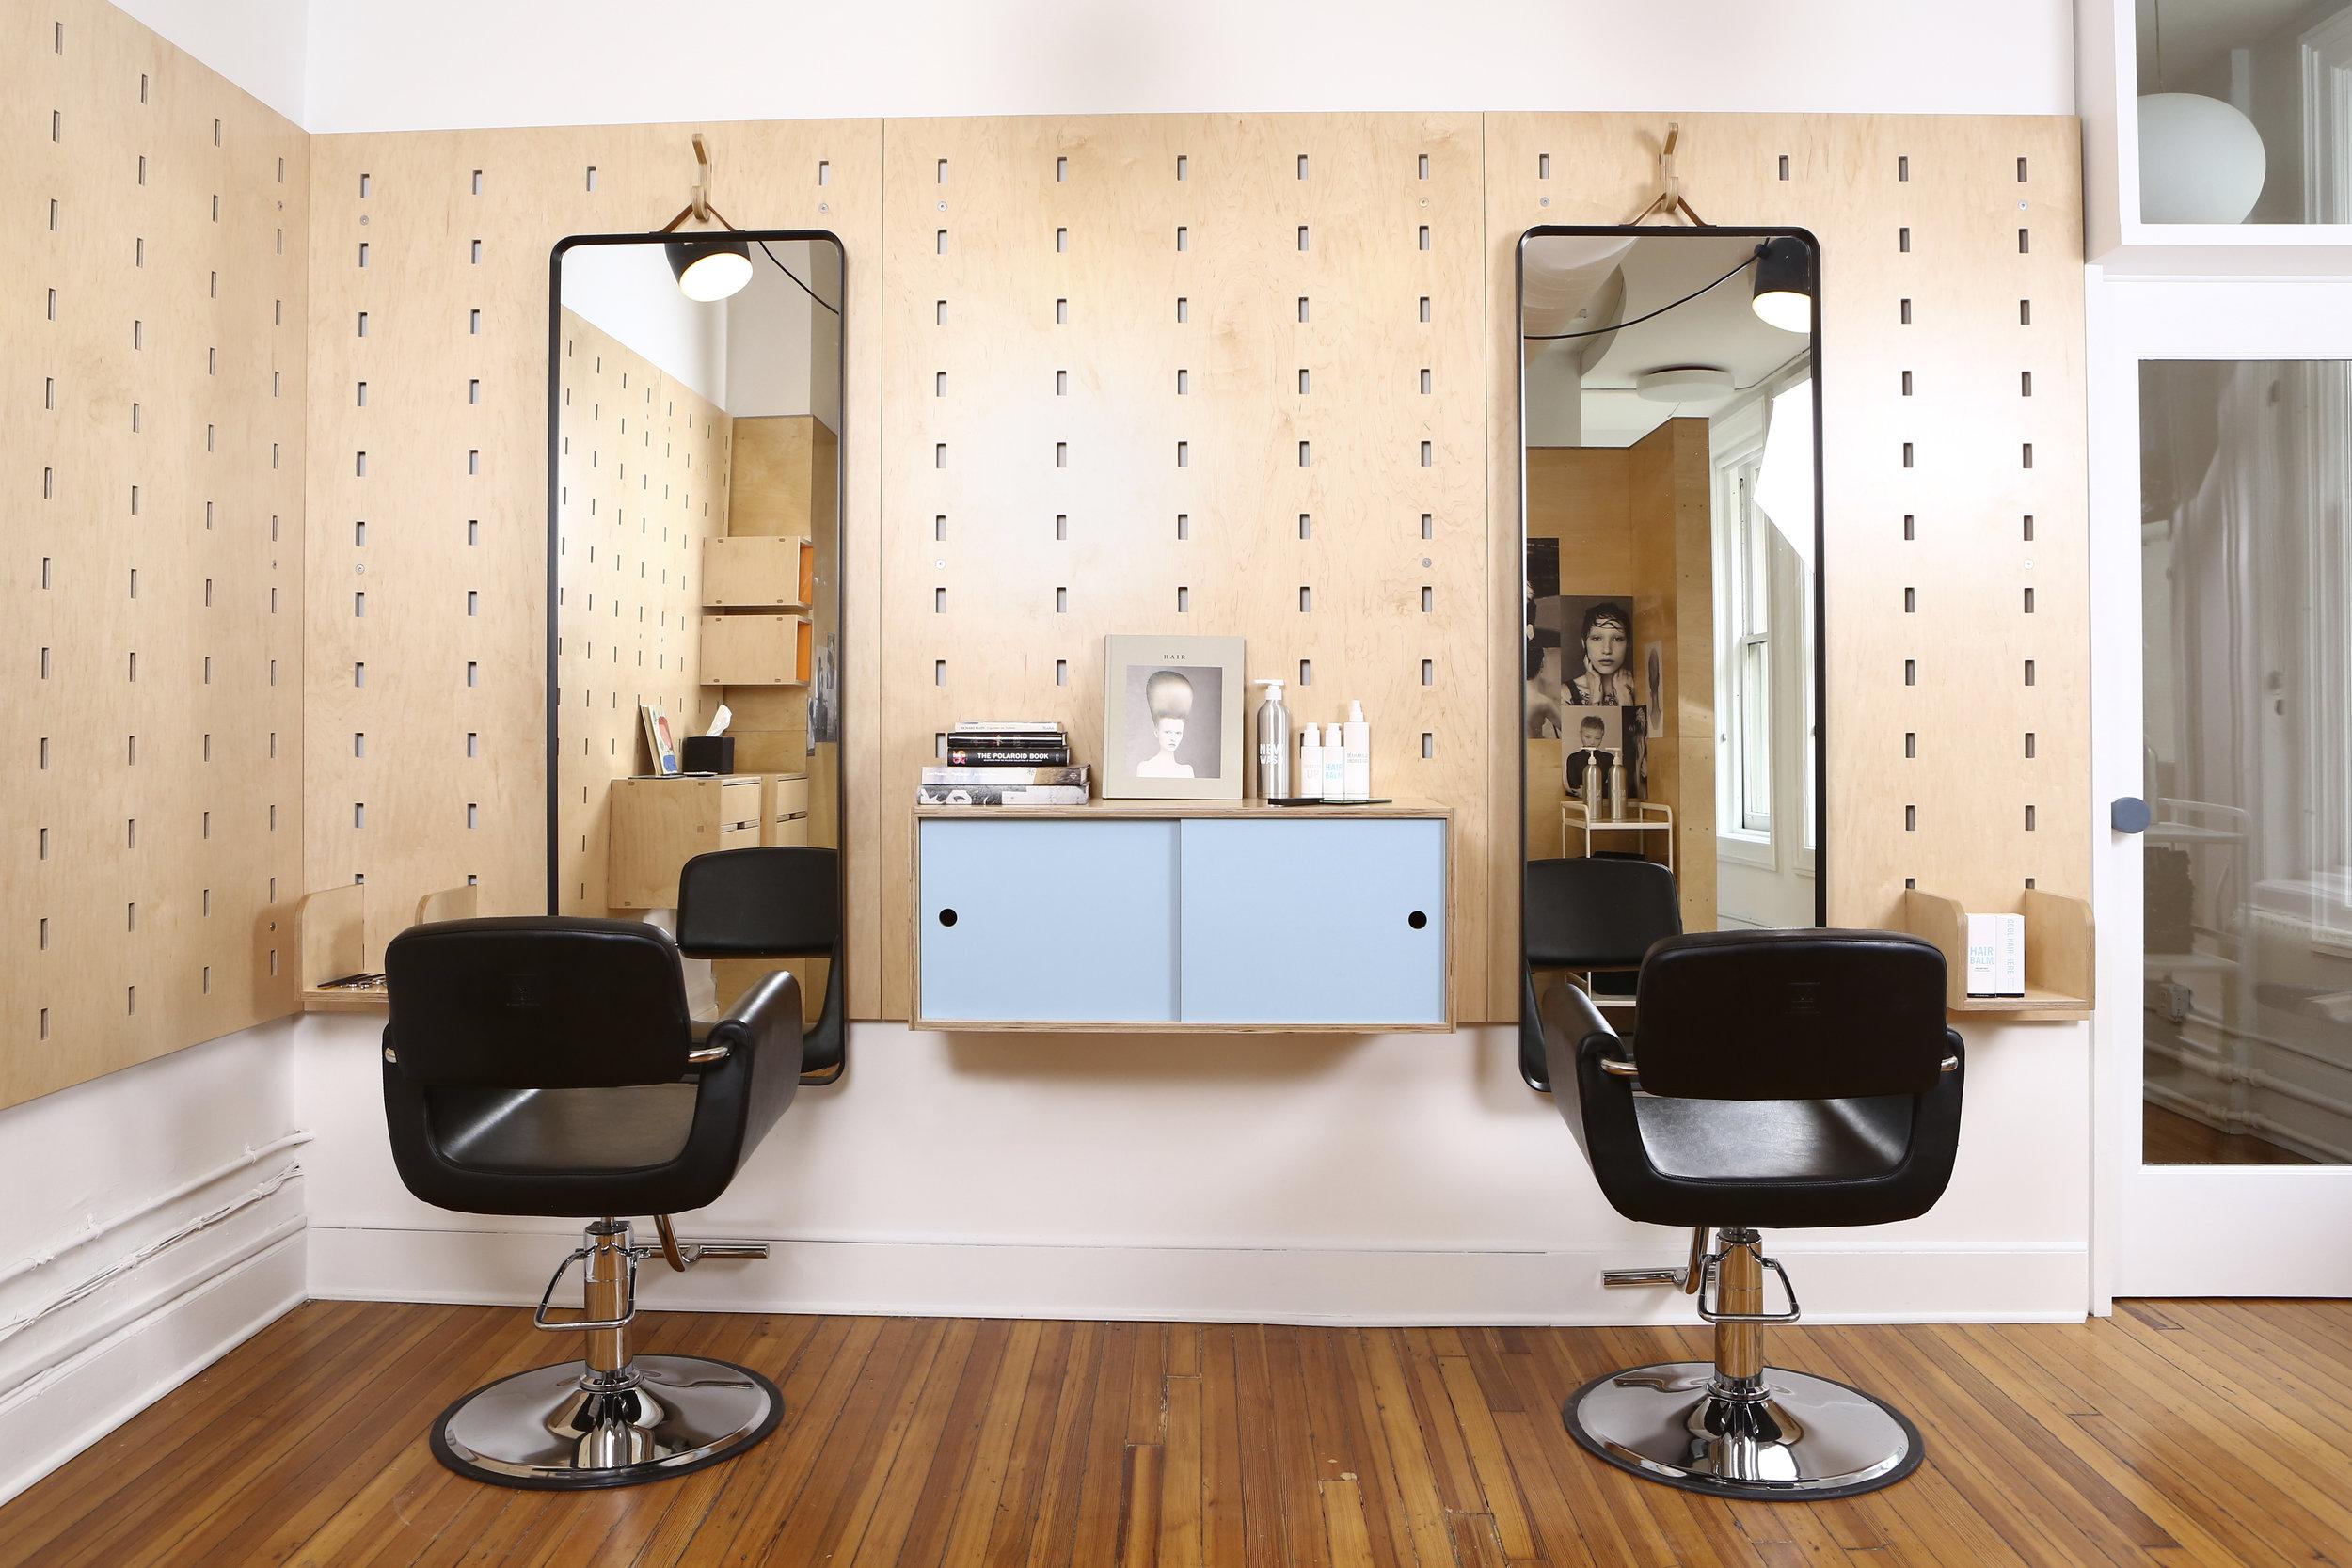 Hairstory Studio, 95 5th Avenue, N.Y.C.